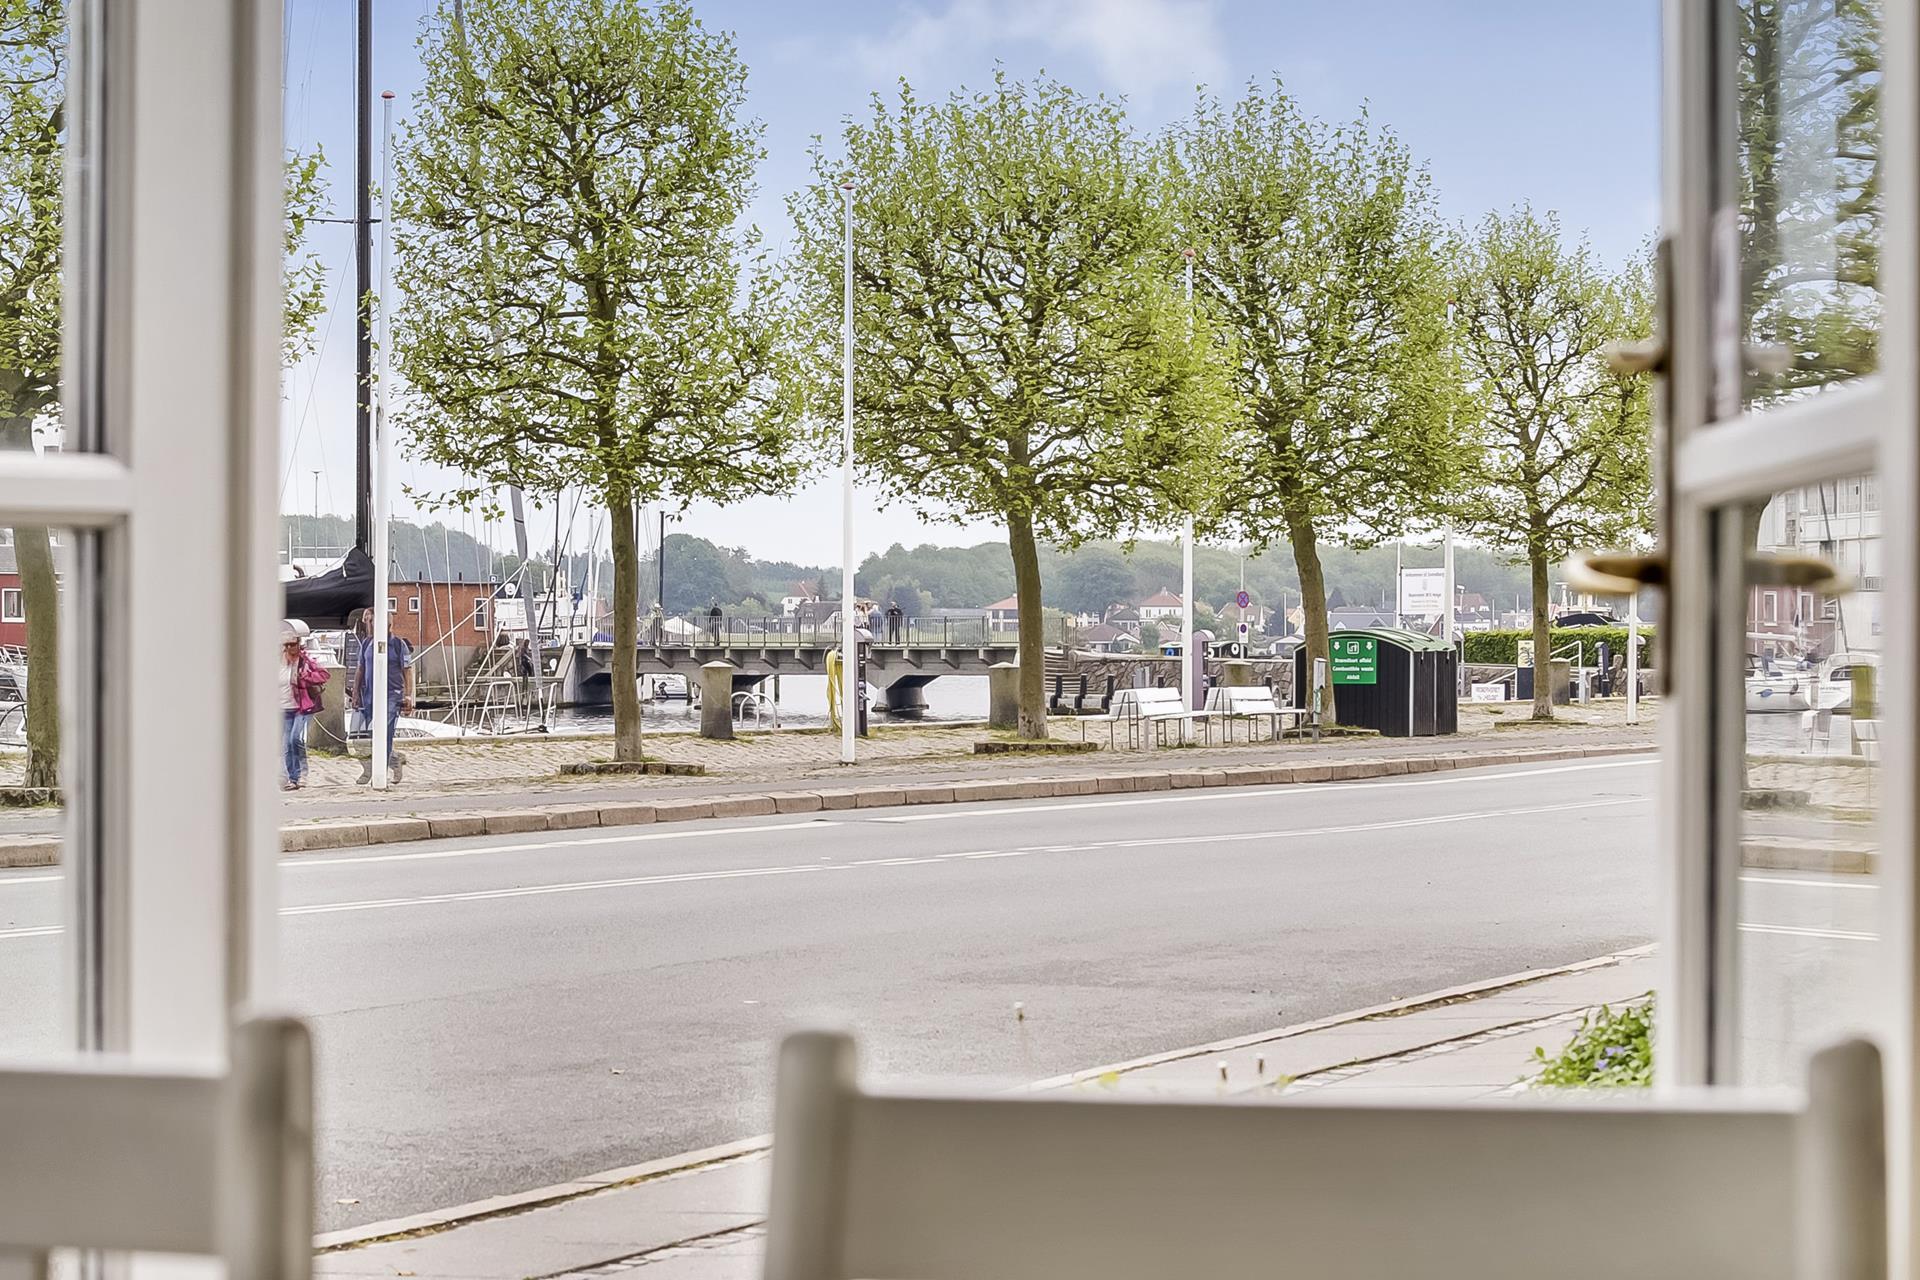 Bolig/erhverv på Jessens Mole i Svendborg - Udsigt